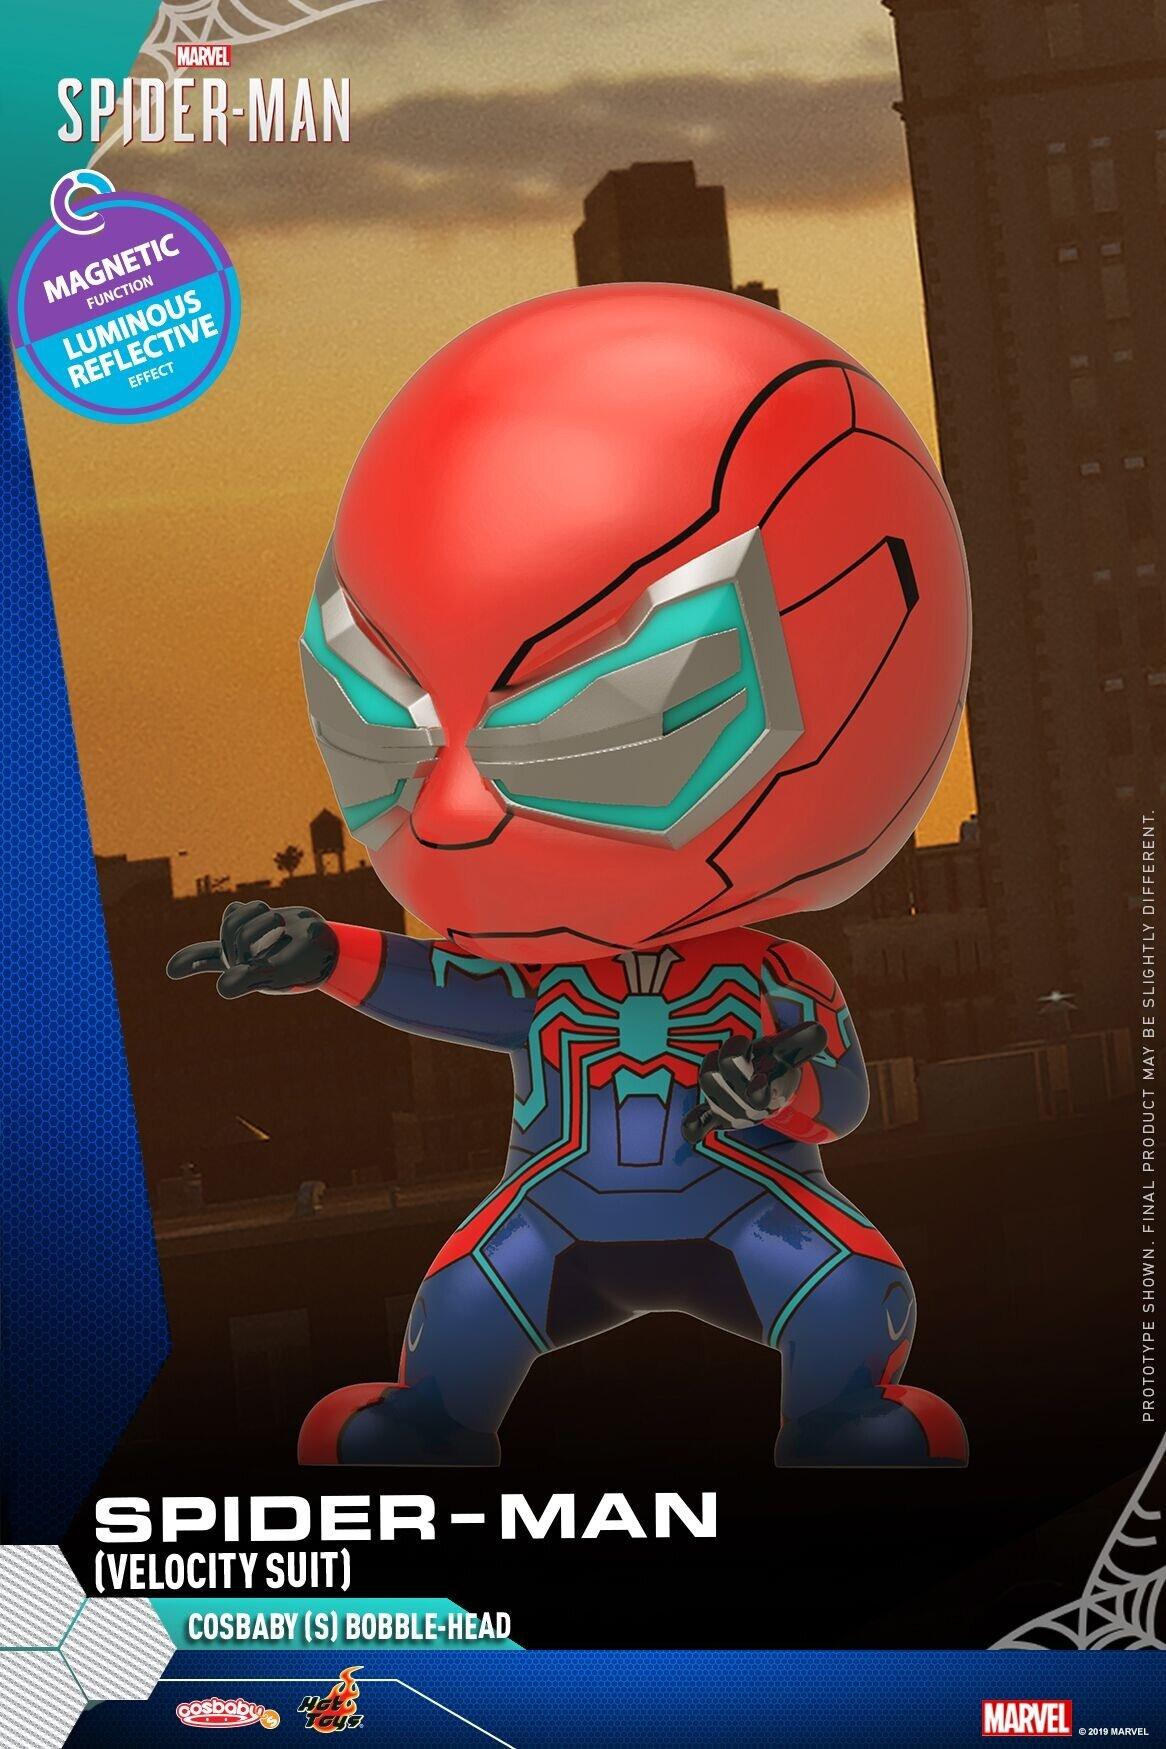 [Hot Toys] 코스베이비 스파이더맨 Velocity Suit Ver. COSB618